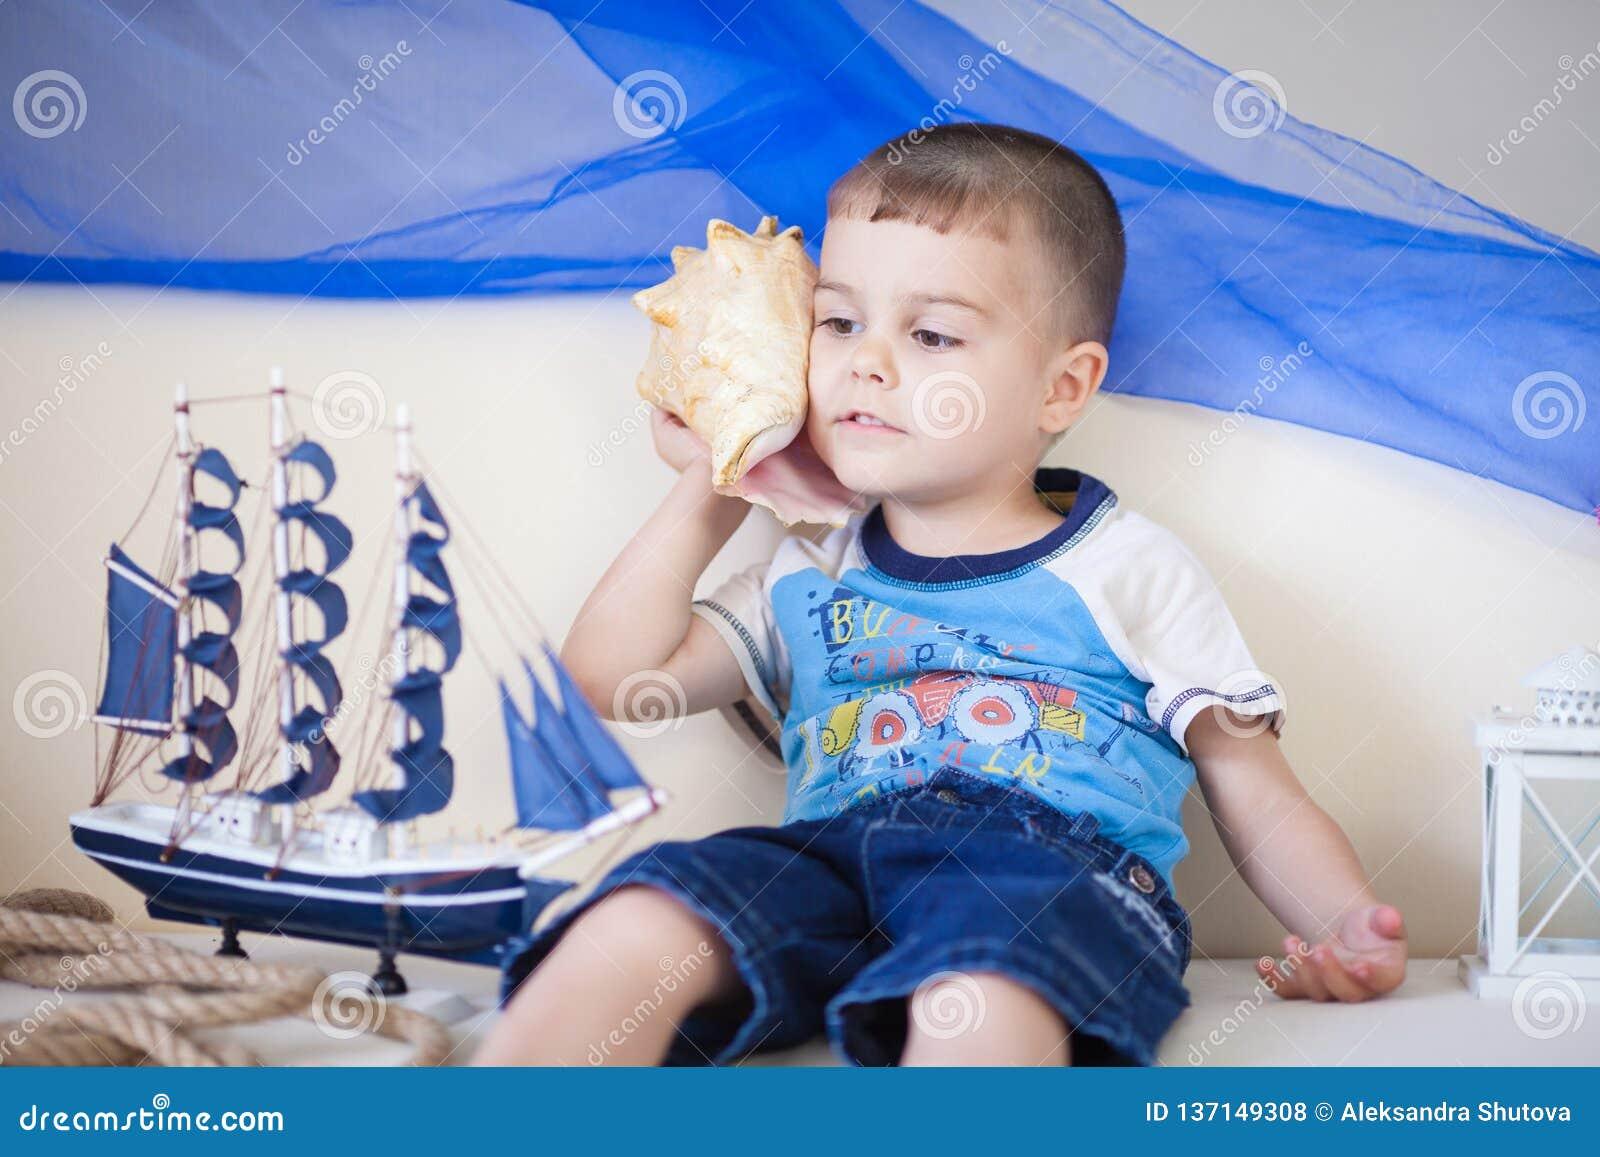 Retrato del niño pequeño caucásico lindo y feliz que escucha cuidadosamente una concha de berberecho grande